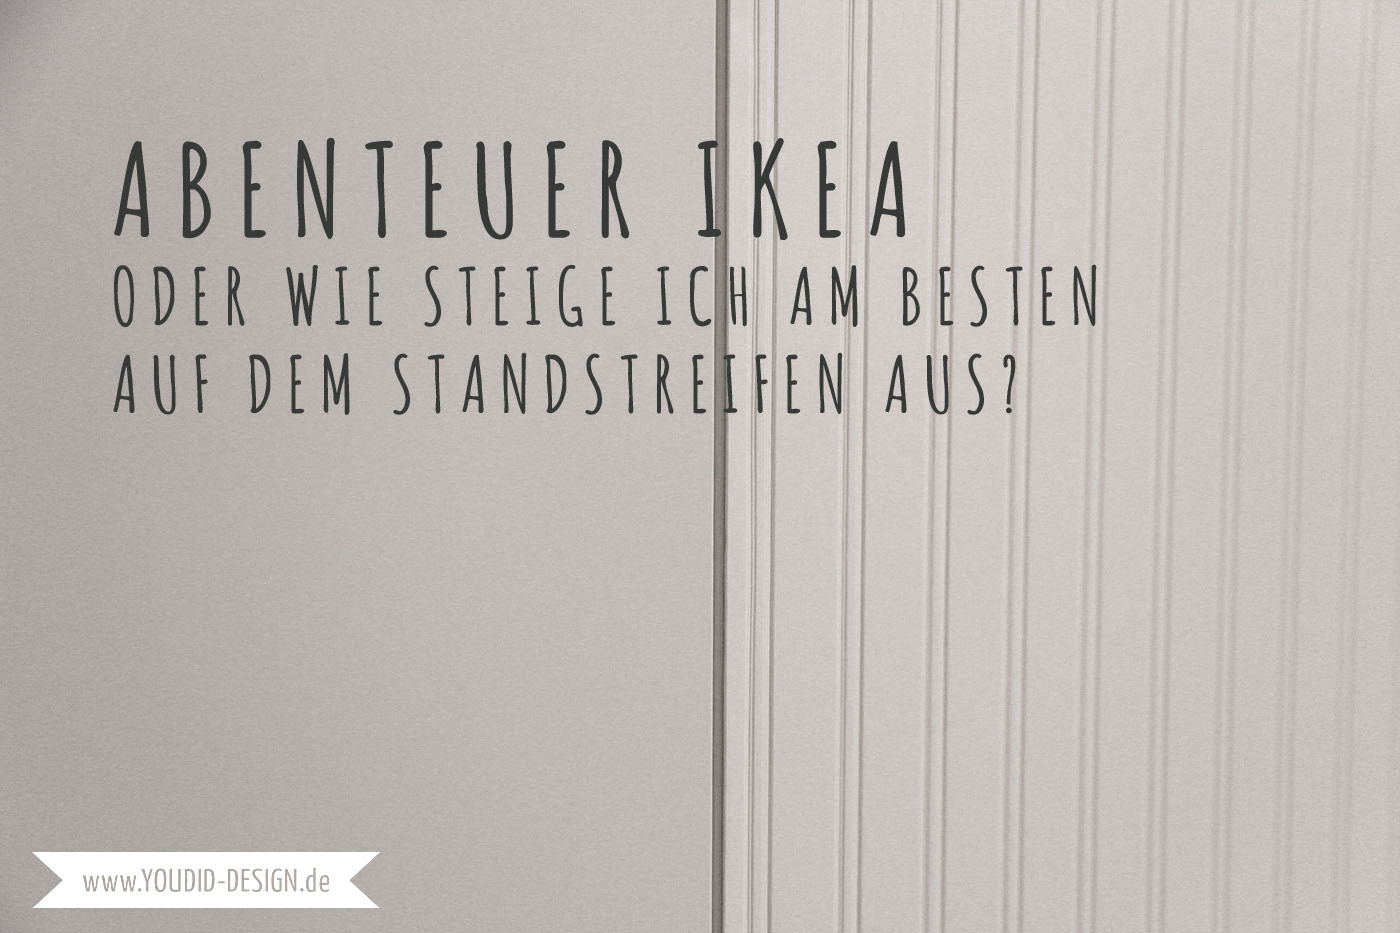 Abenteuer Ikea Oder Wie Steige Ich Am Besten Auf Dem Standstreifen Aus